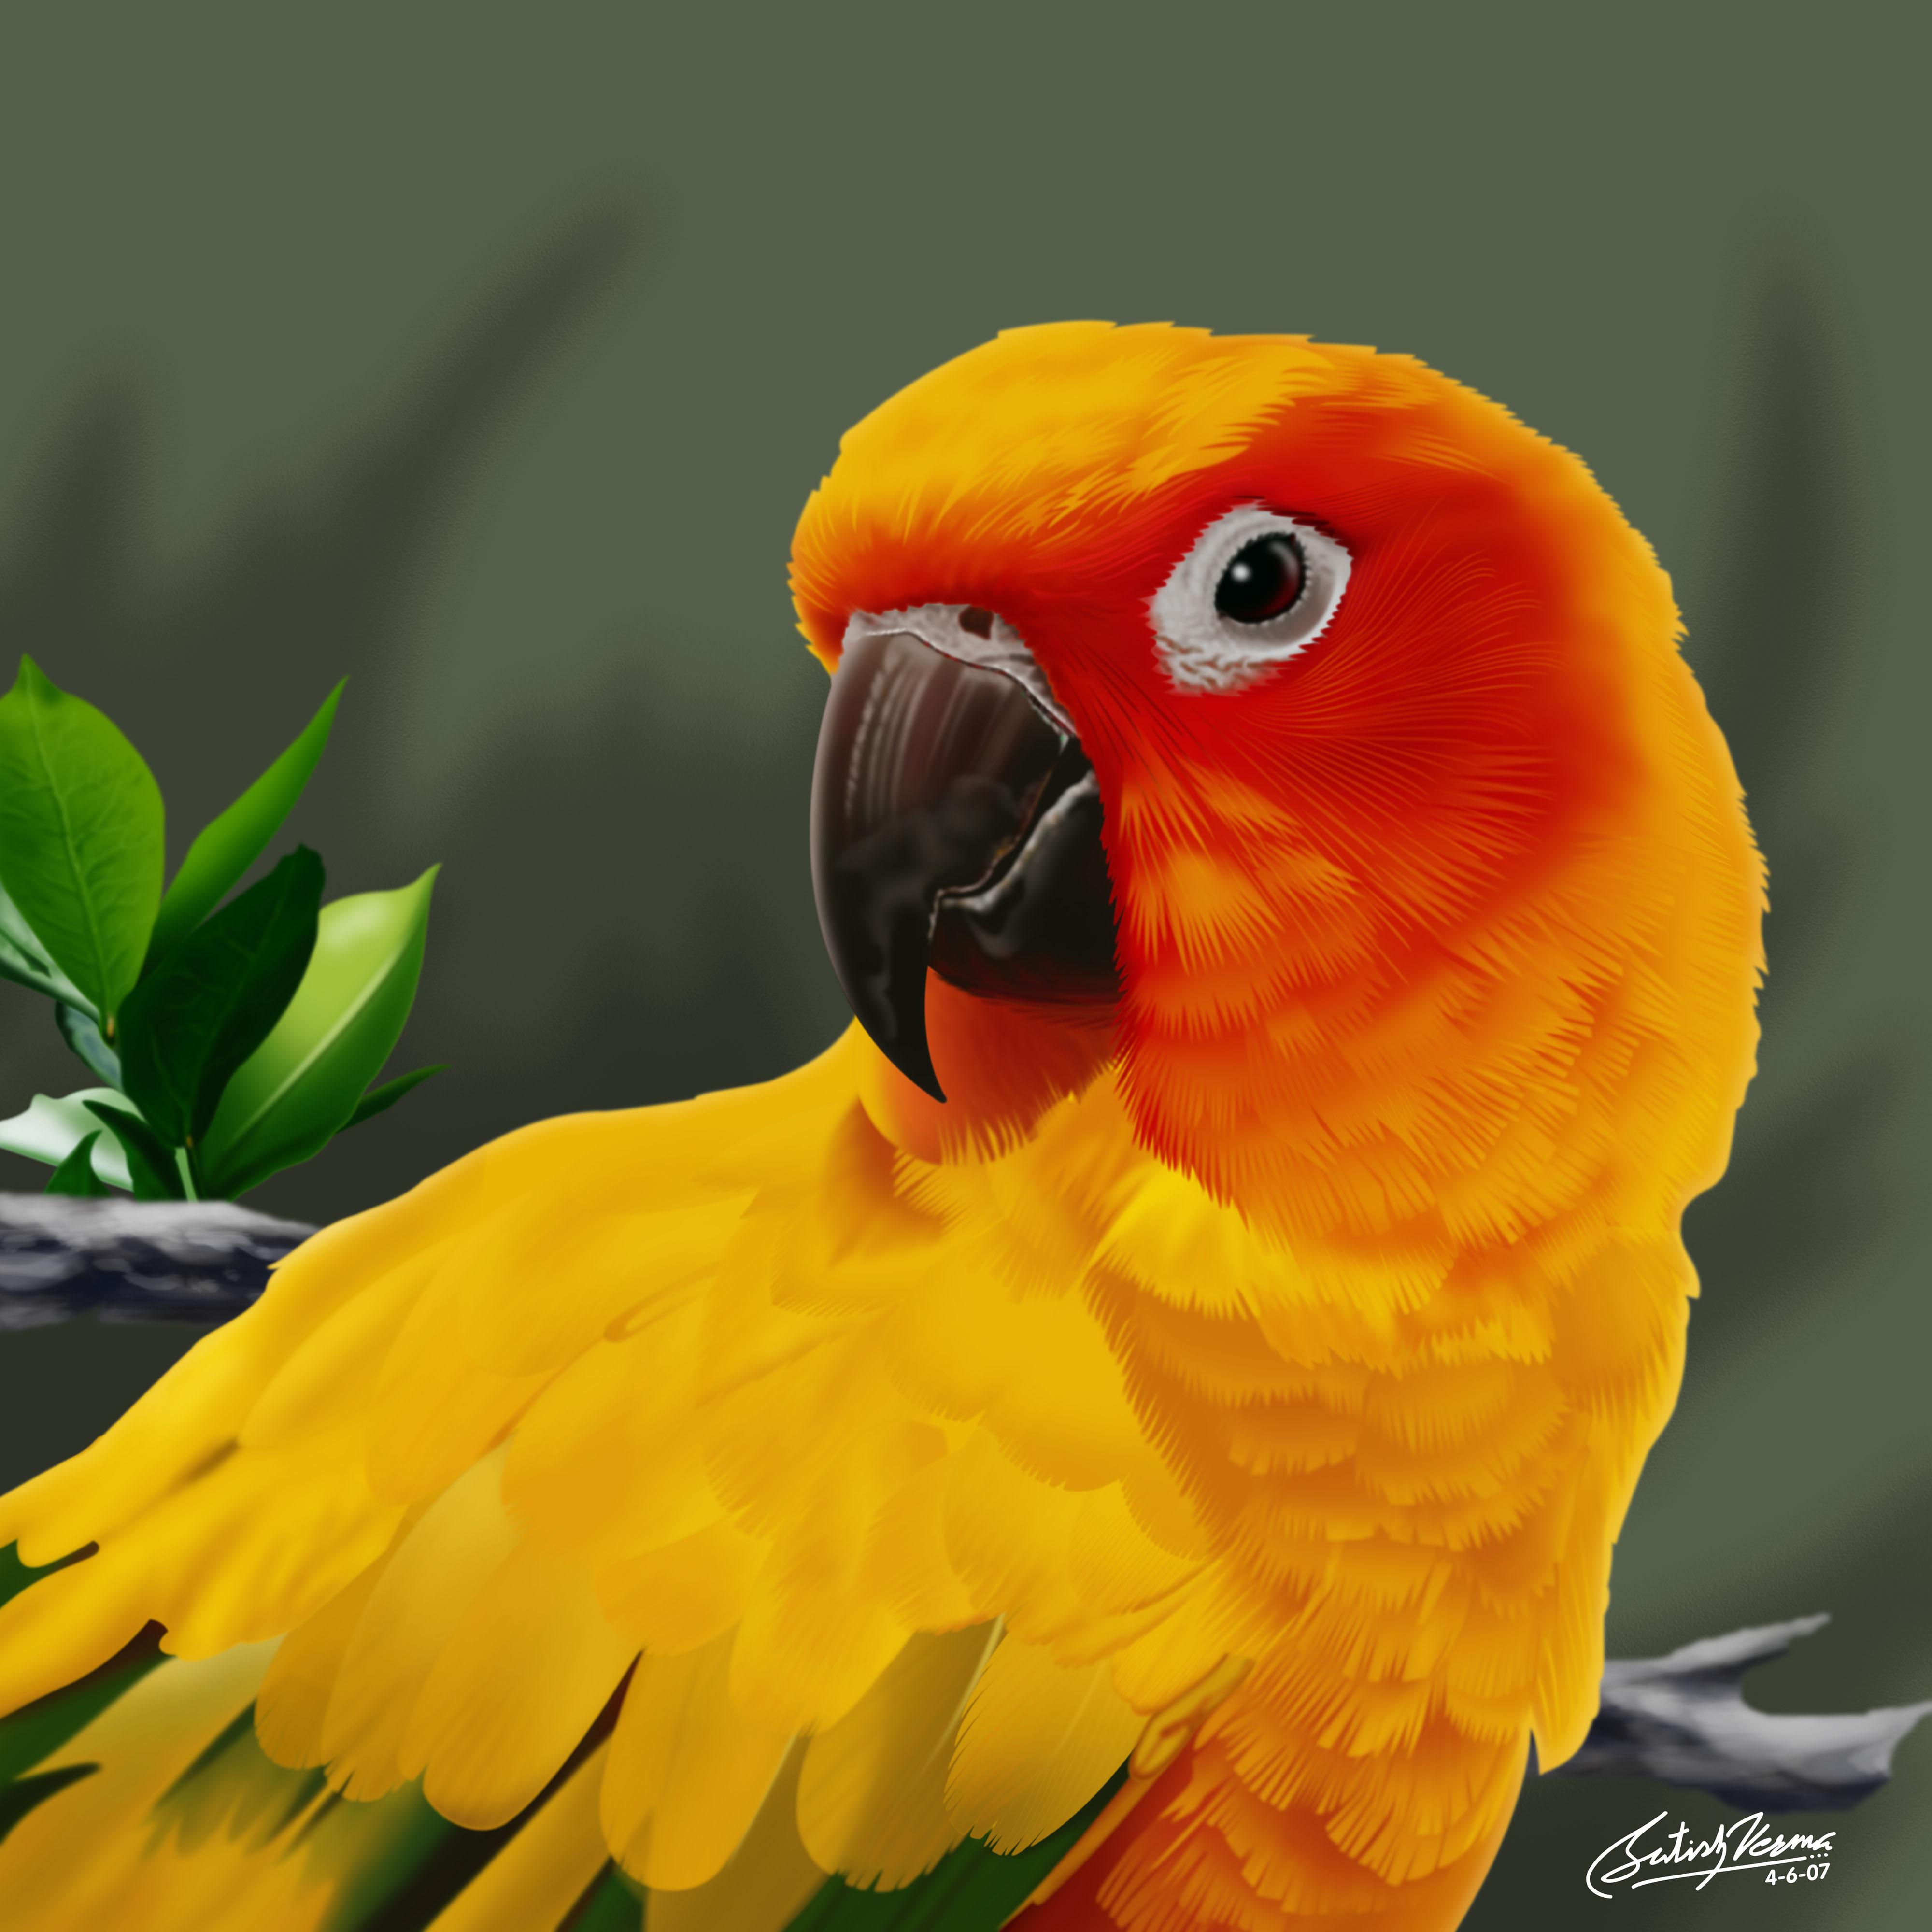 ornage parrot, скачать обои на рабочий стол, оранжевый попугай